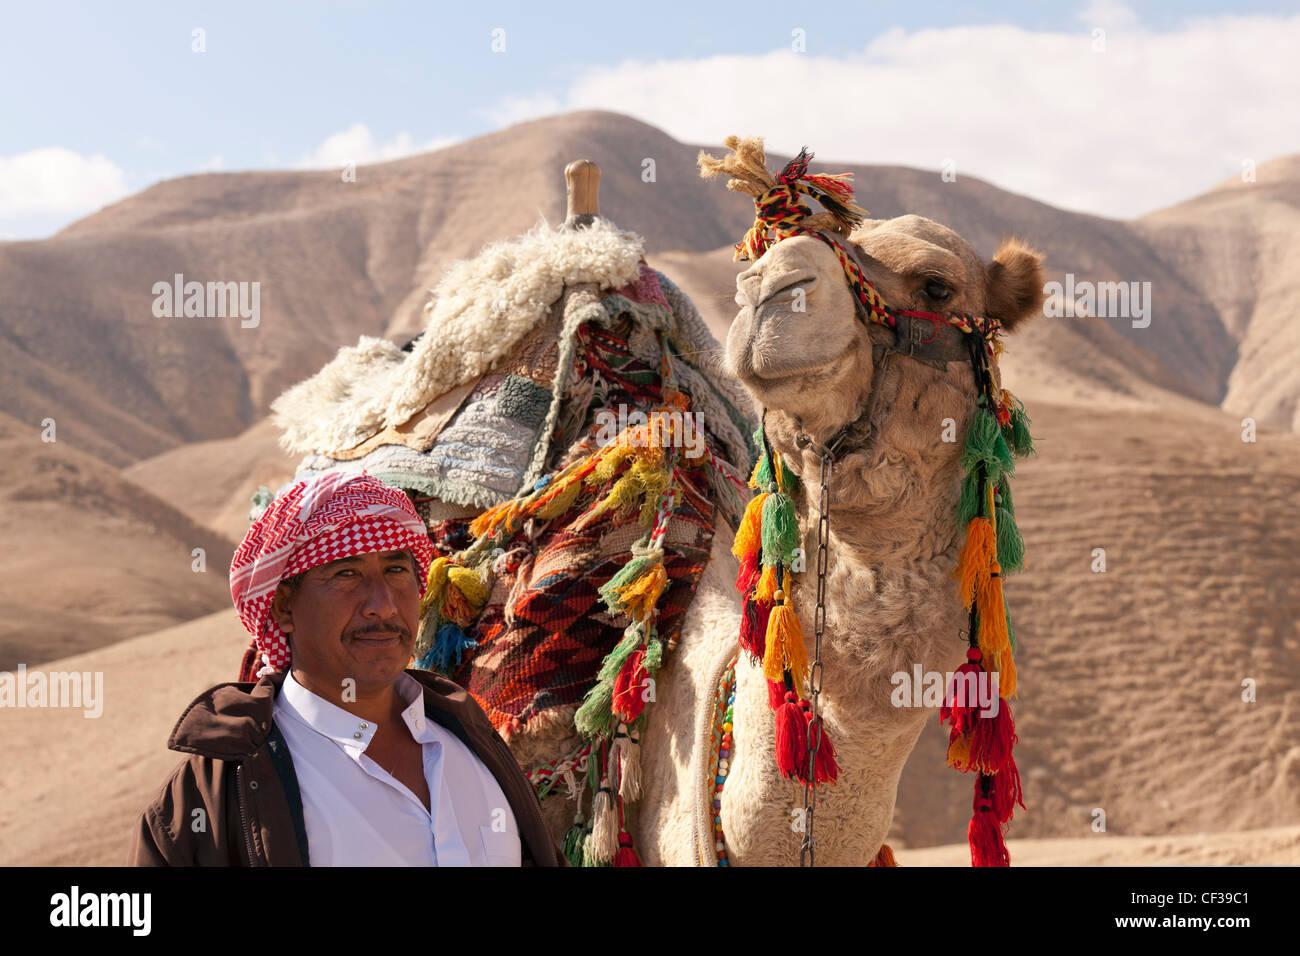 Israel, Judean Desert,Bedouin and camel in desert setting Stock Photo